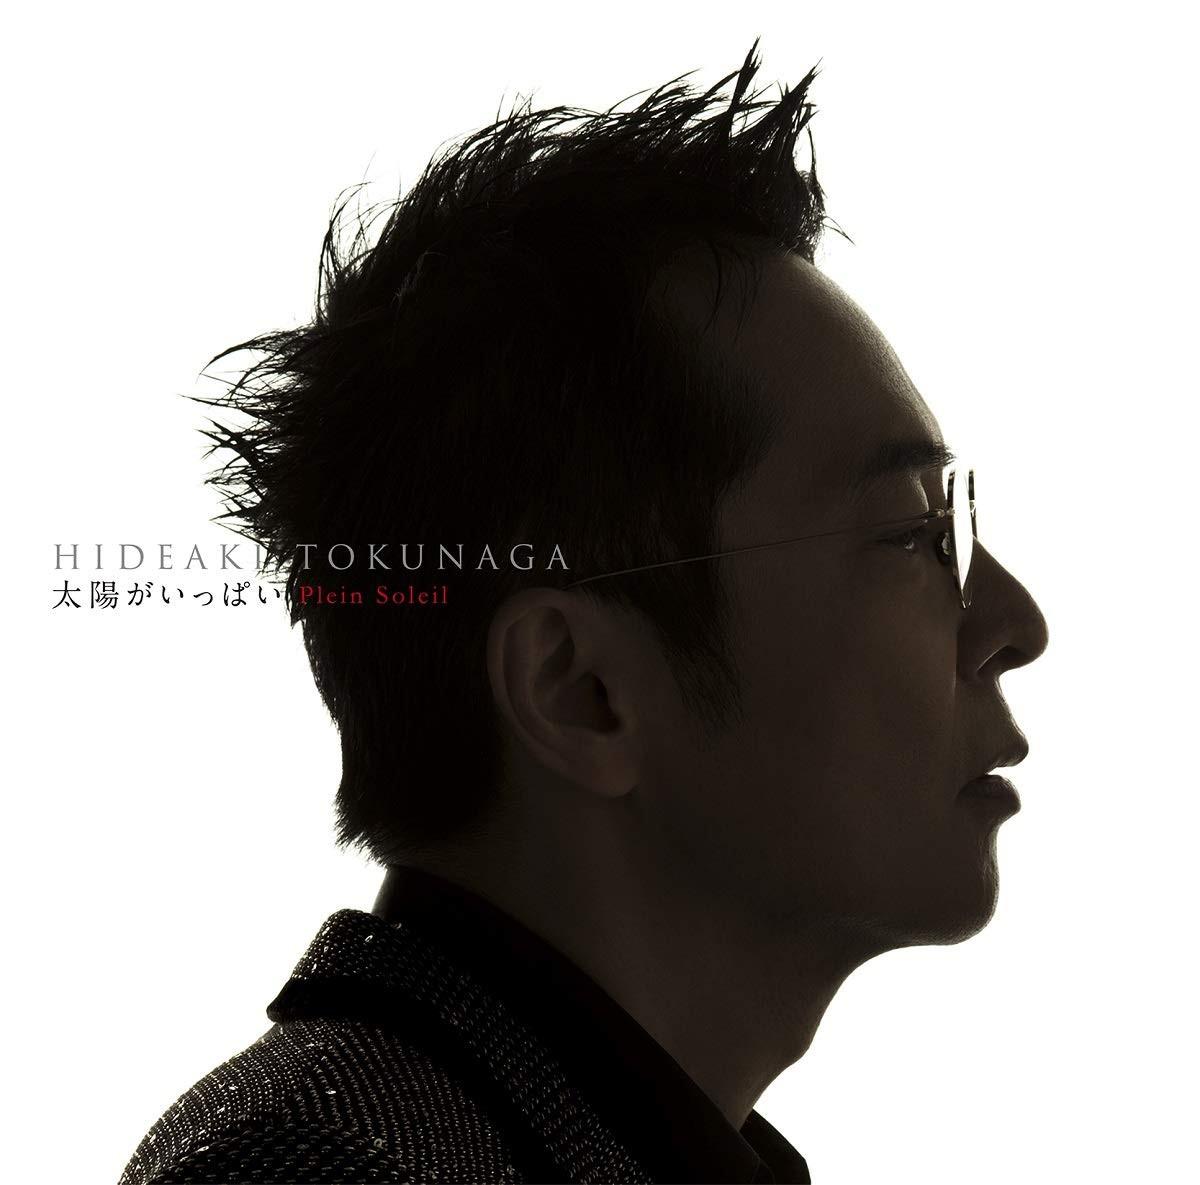 徳永英明 (Hideaki Tokunaga) – 太陽がいっぱい Plein Soleil ~セルフカヴァー・ベストⅡ~ [FLAC + MP3 320 / CD] [2019.07.03]